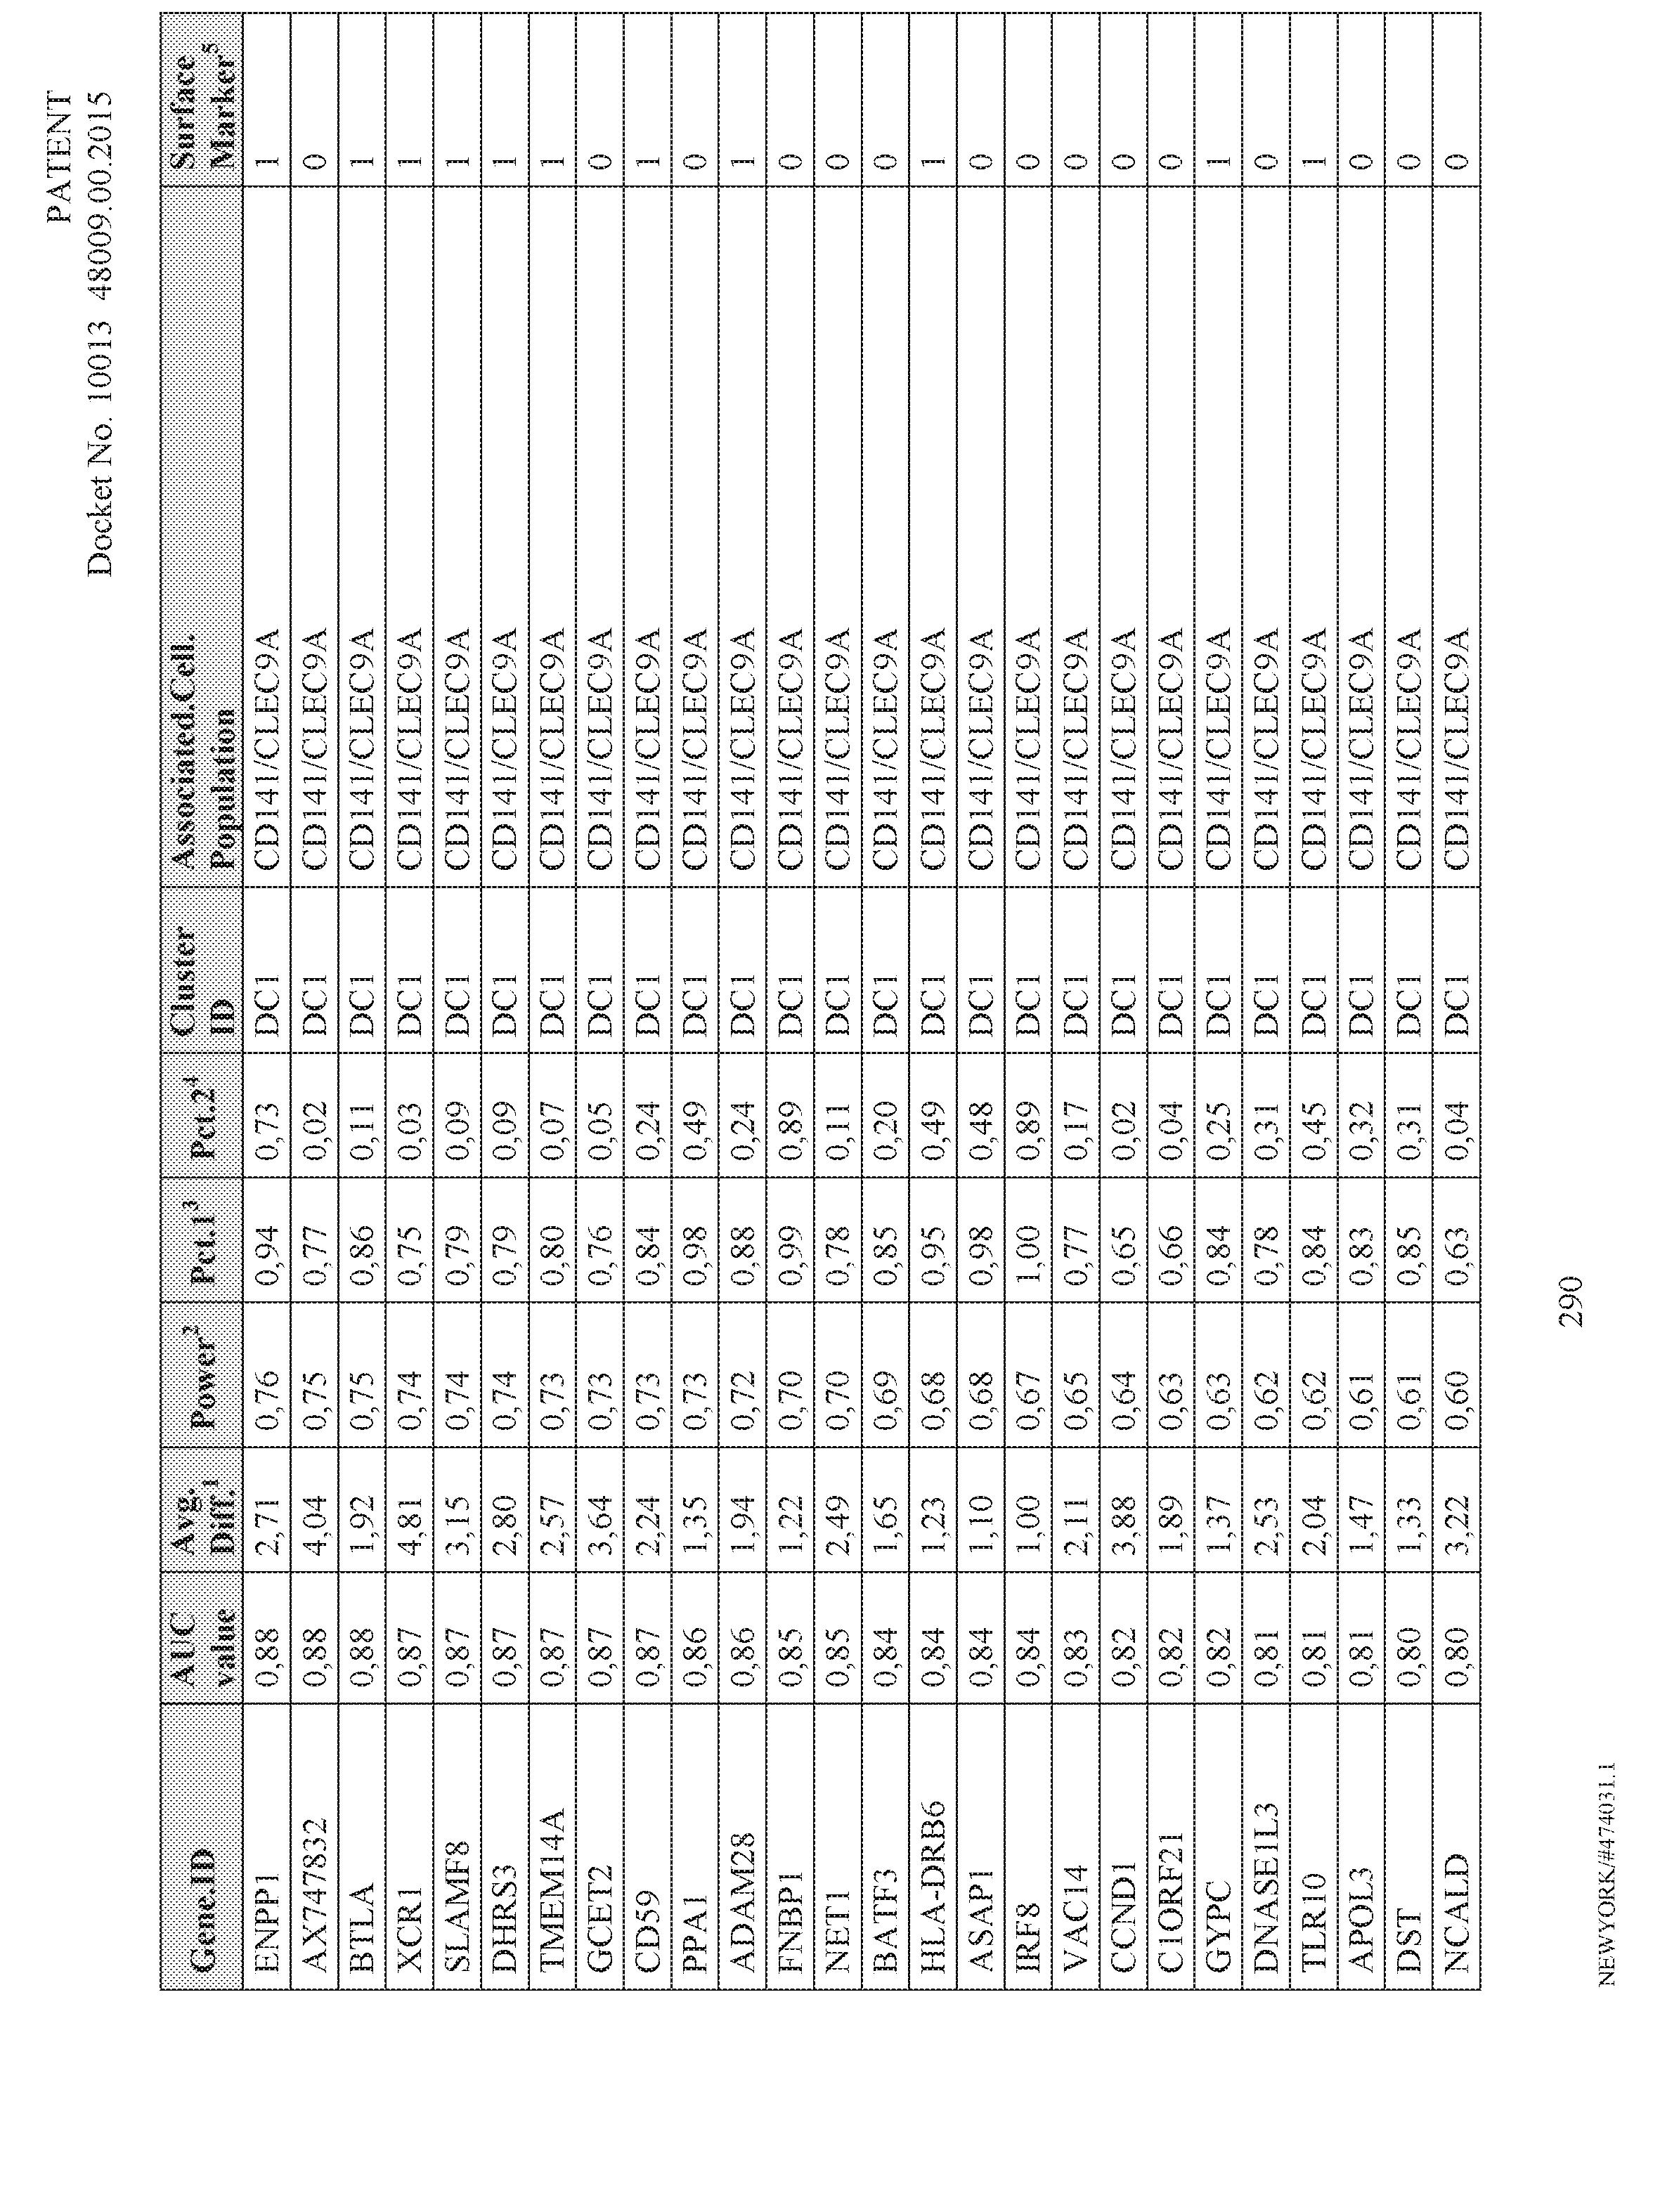 Figure imgf000292_0001